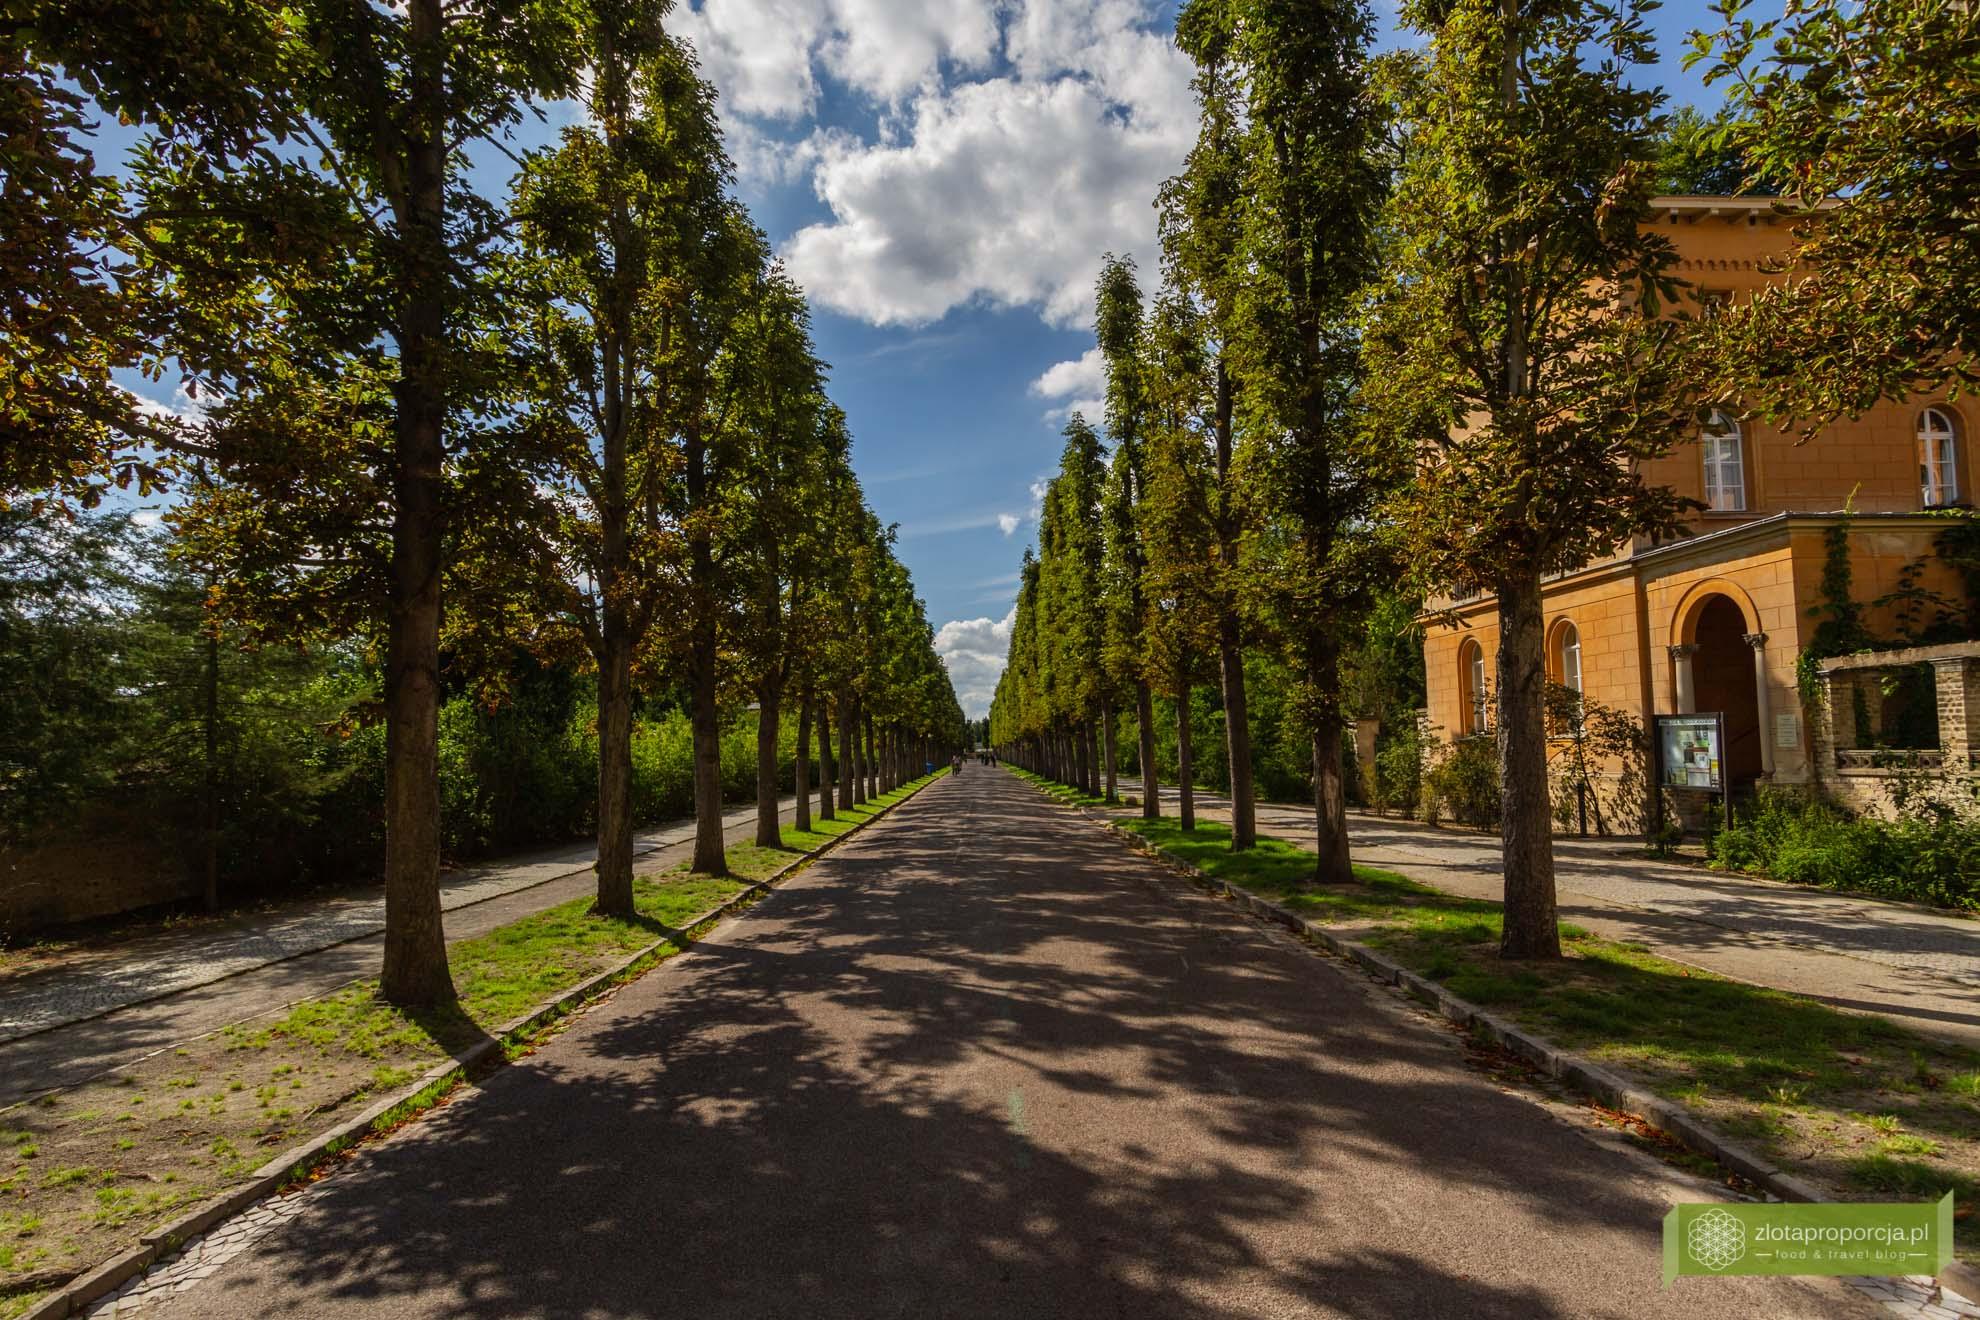 Poczdam, atrakcje Poczdamu, Brandenburgia, atrakcje Brandenburgii; Sanssouci; Poczdam Sanssouci; Park Sanssouci; Pałac Sanssouci;